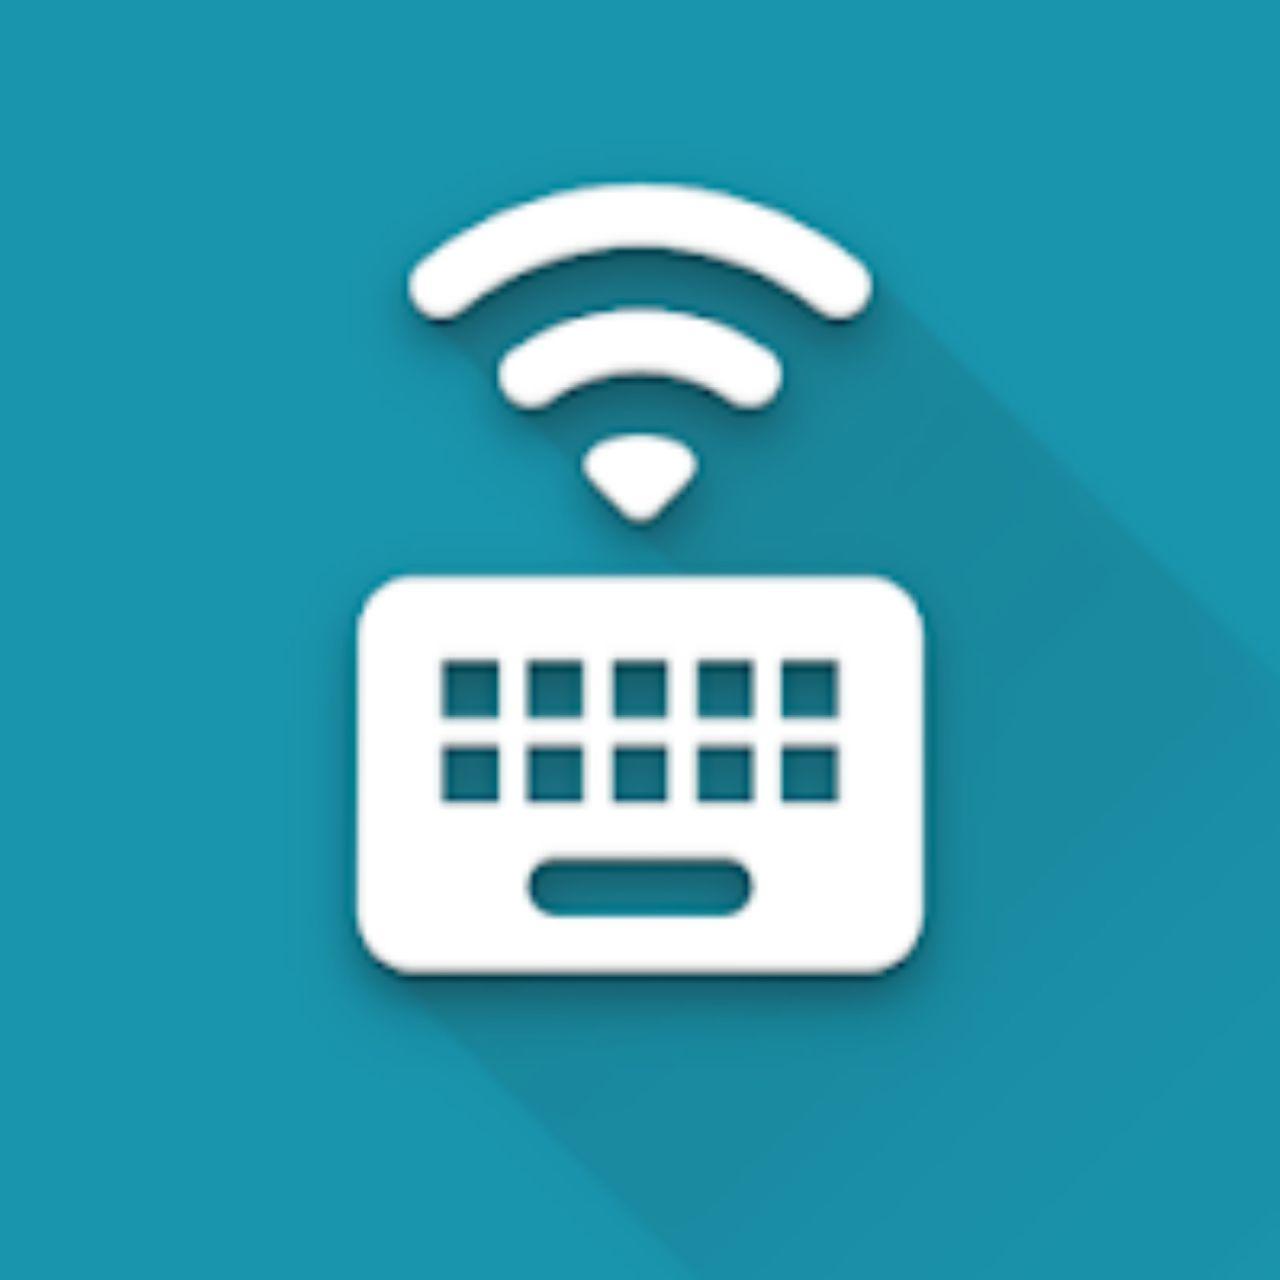 اپلیکیشن استفاده از گوشی به عنوان موس و کیبورد بی سیم